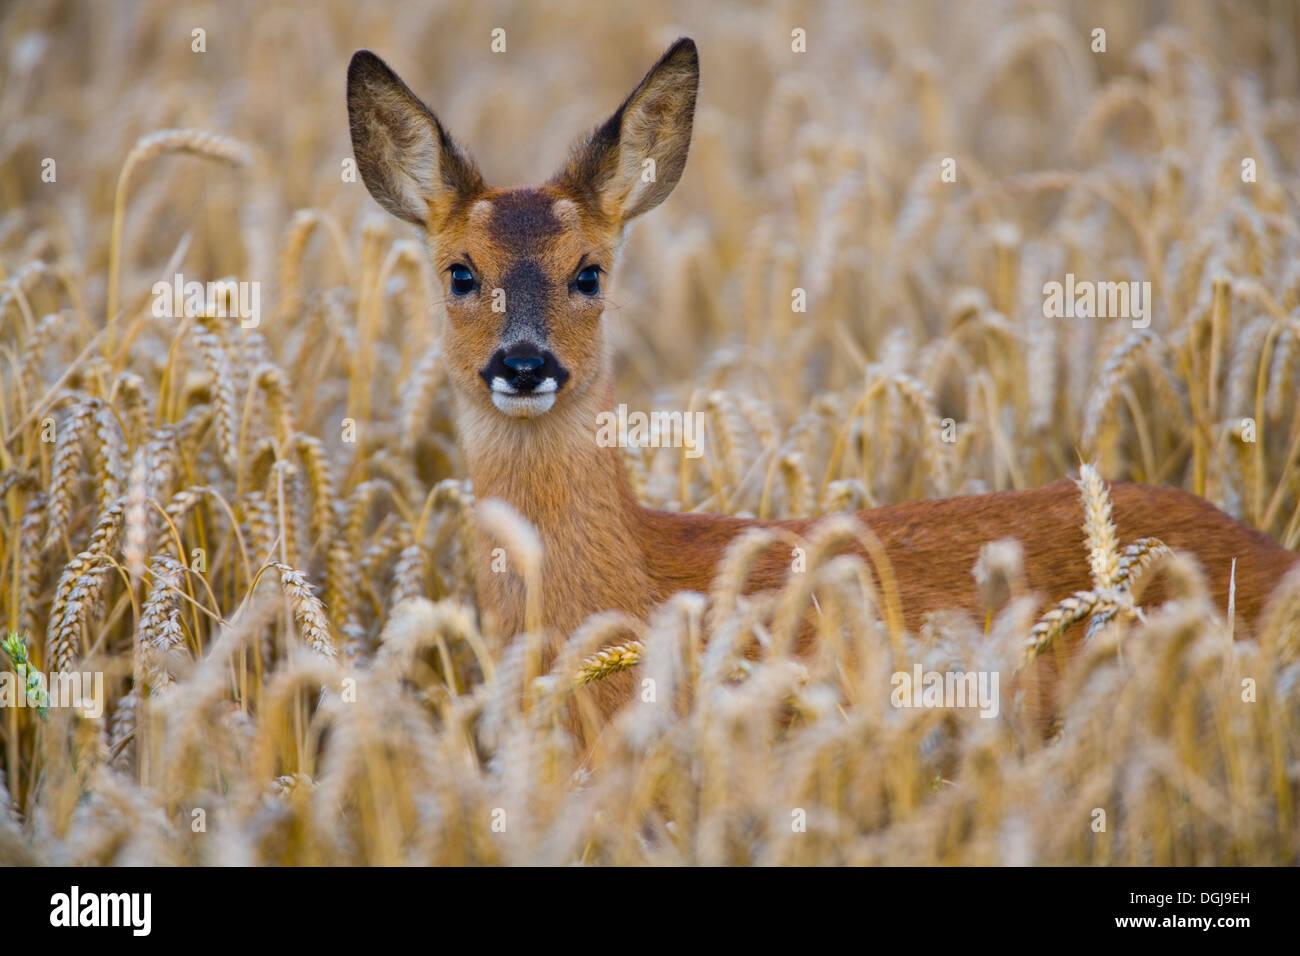 Un capriolo nascosto in un campo di grano. Immagini Stock